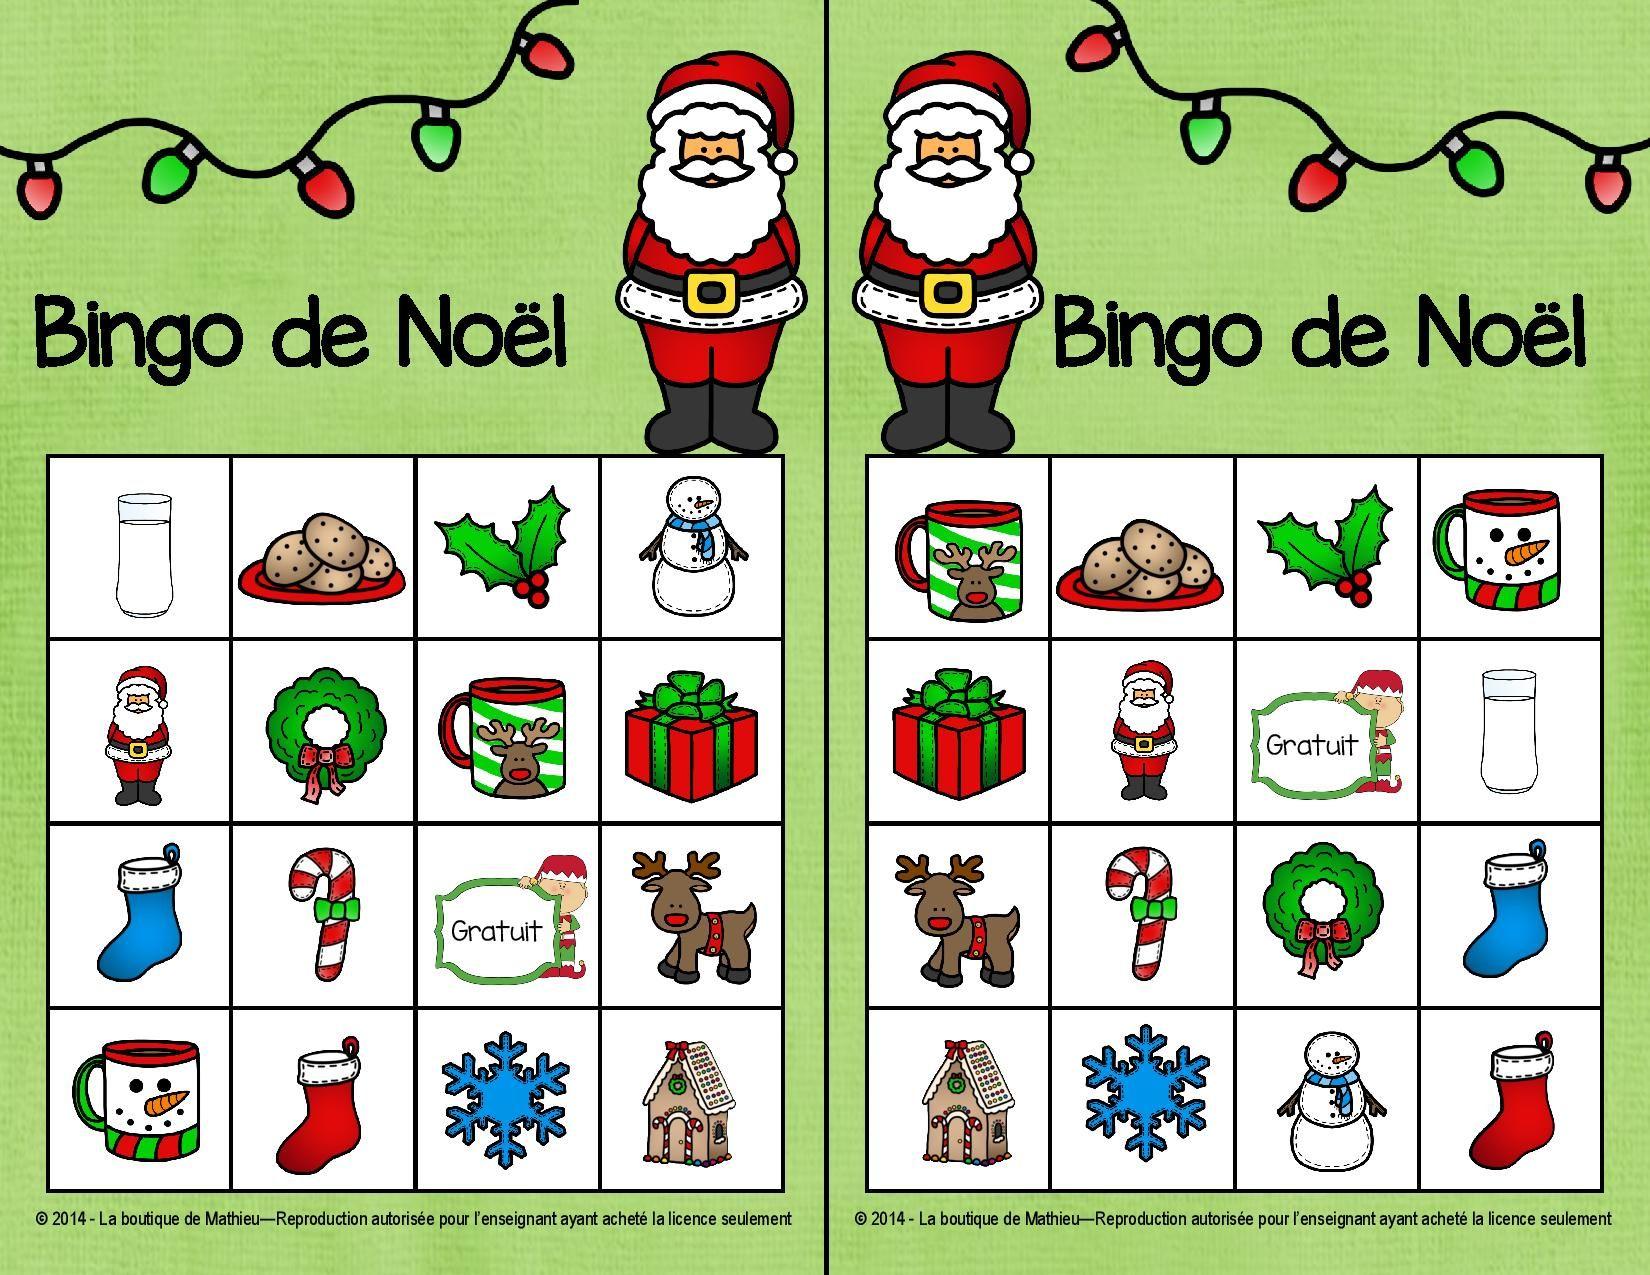 Populaire bingo noel - Google Search | French : Noël | Pinterest | Noel GY62